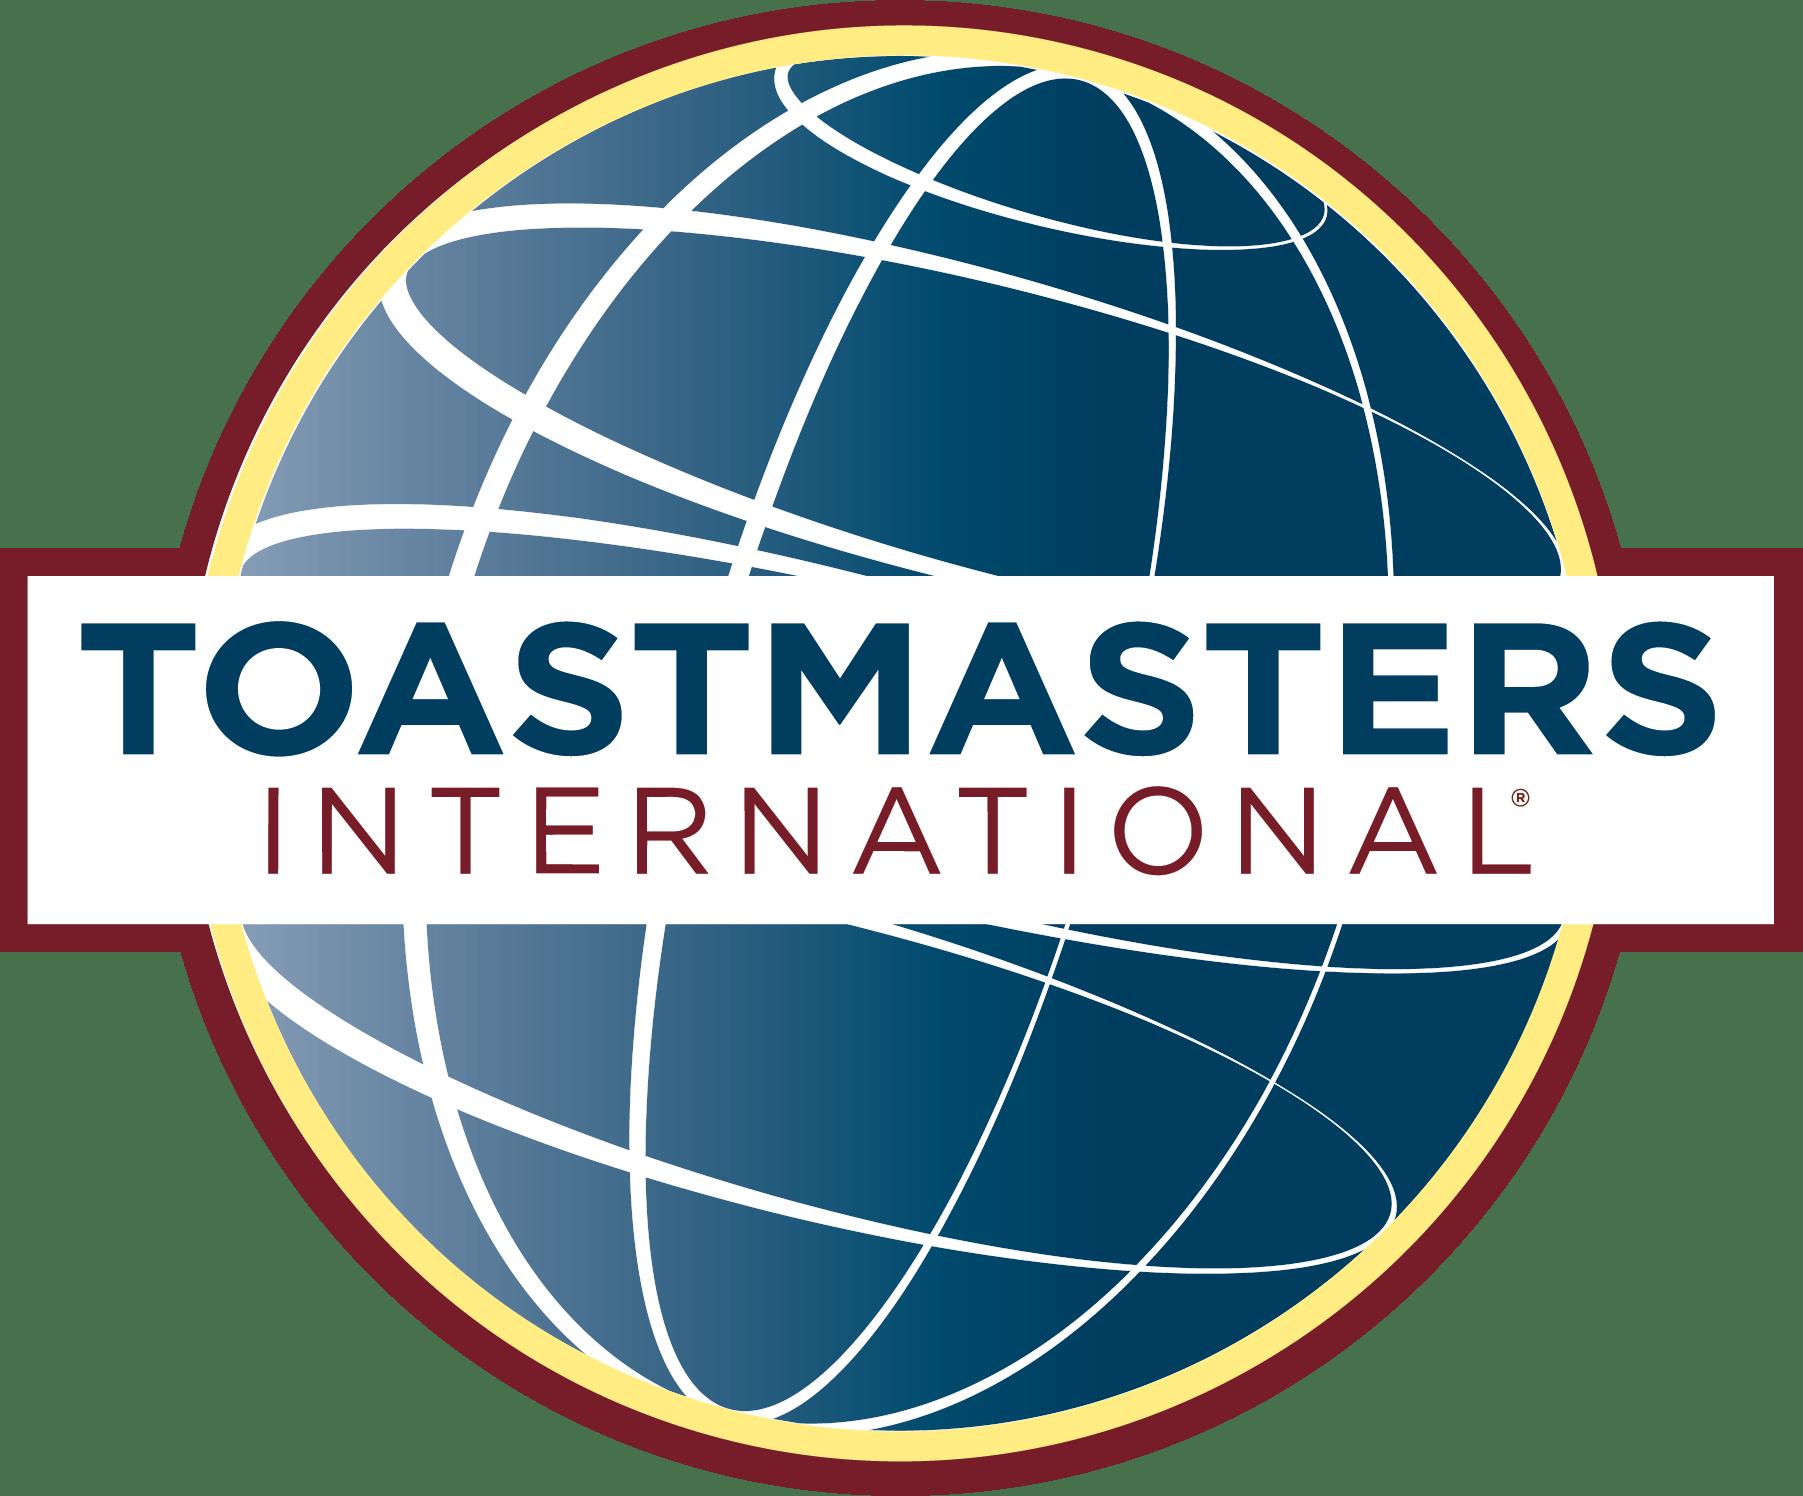 Exchange Park Toastmasters Club